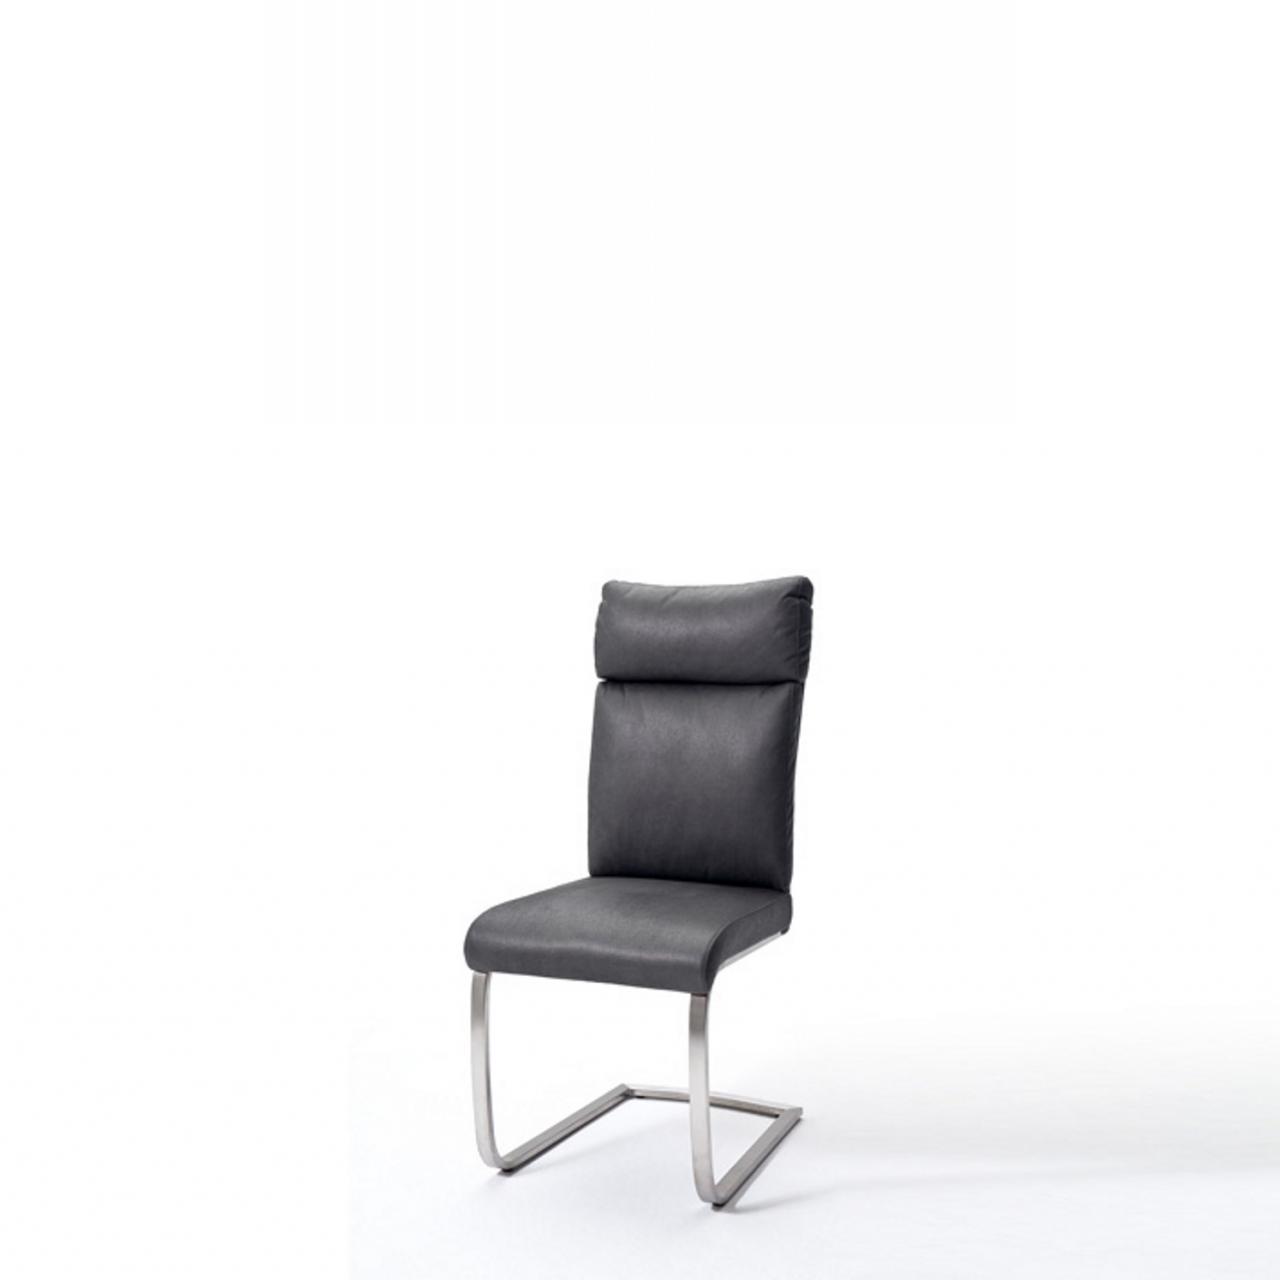 Schwingstuhl Rabea - Grau